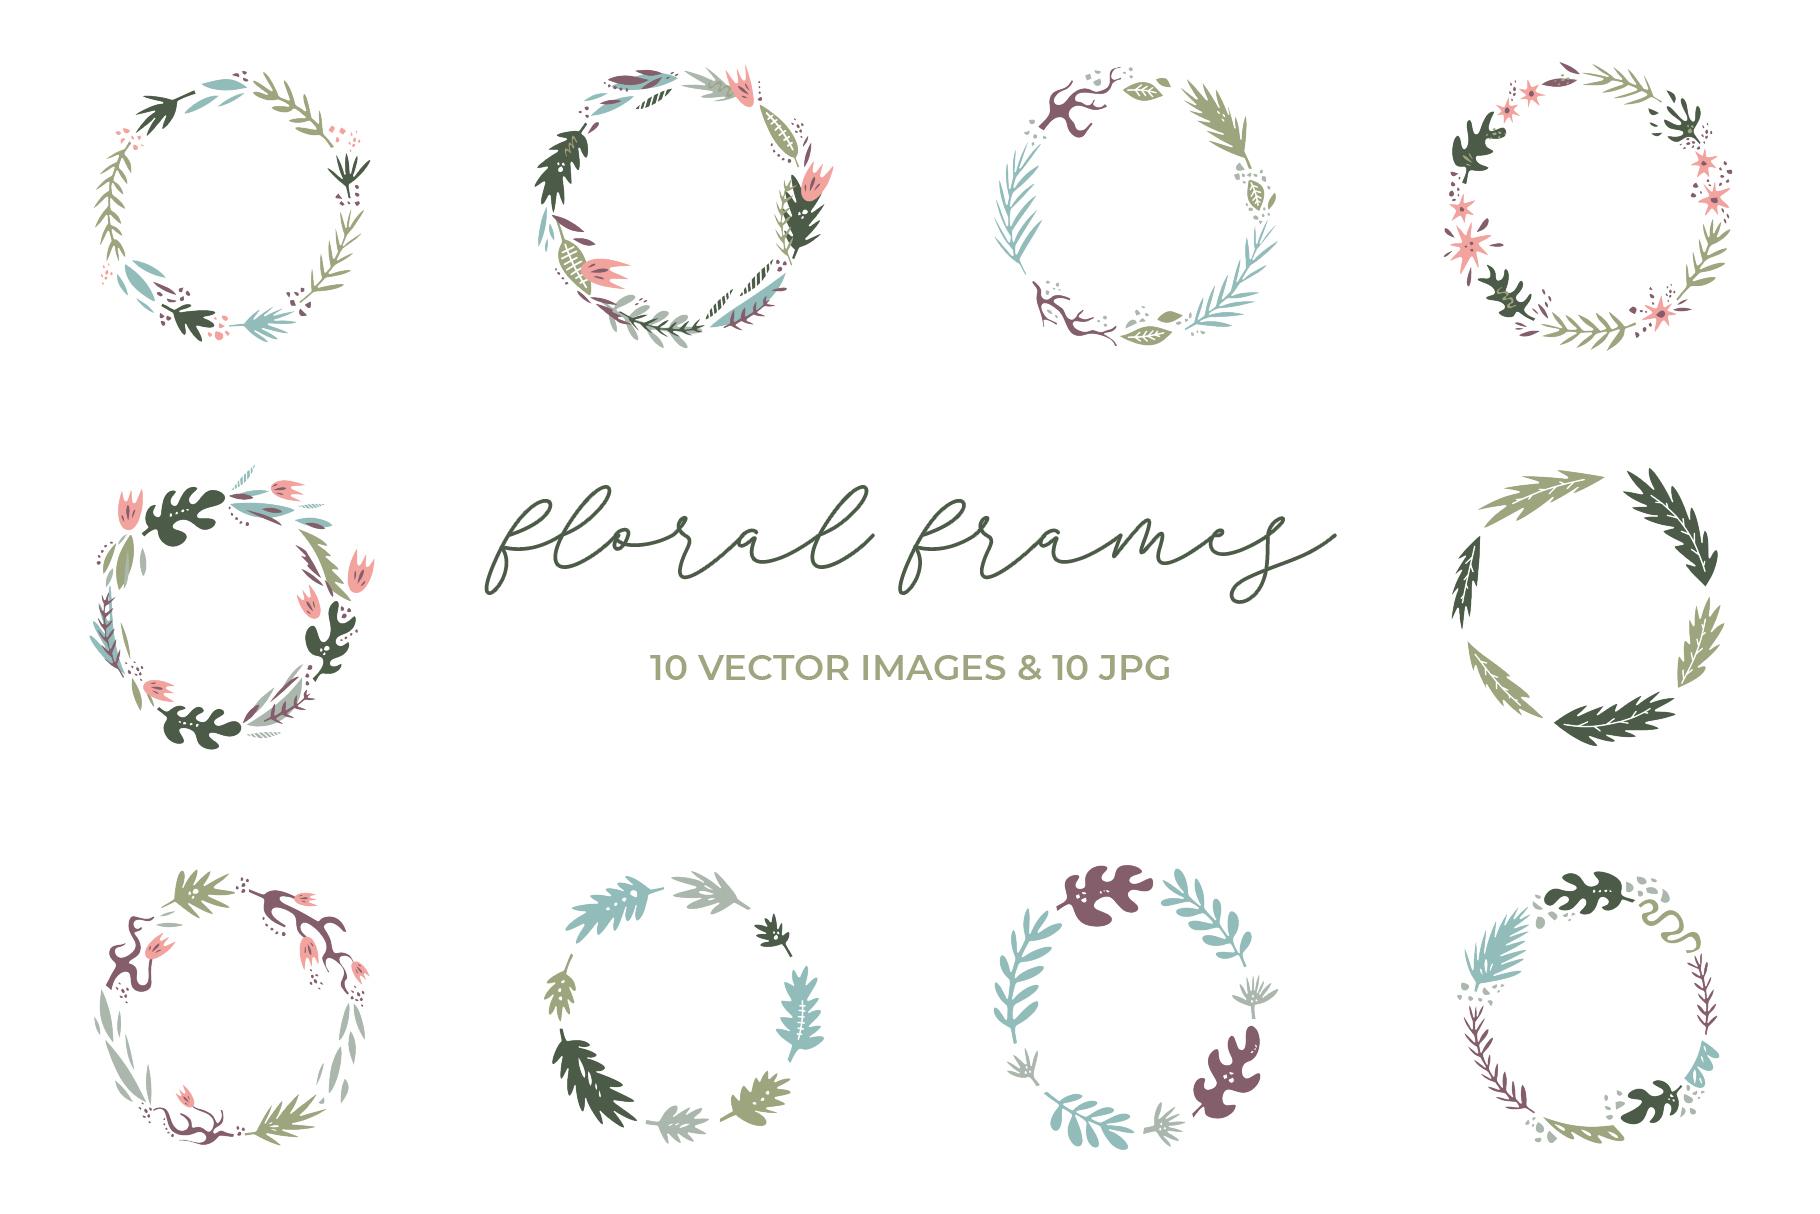 Floral frames clip art set example image 1